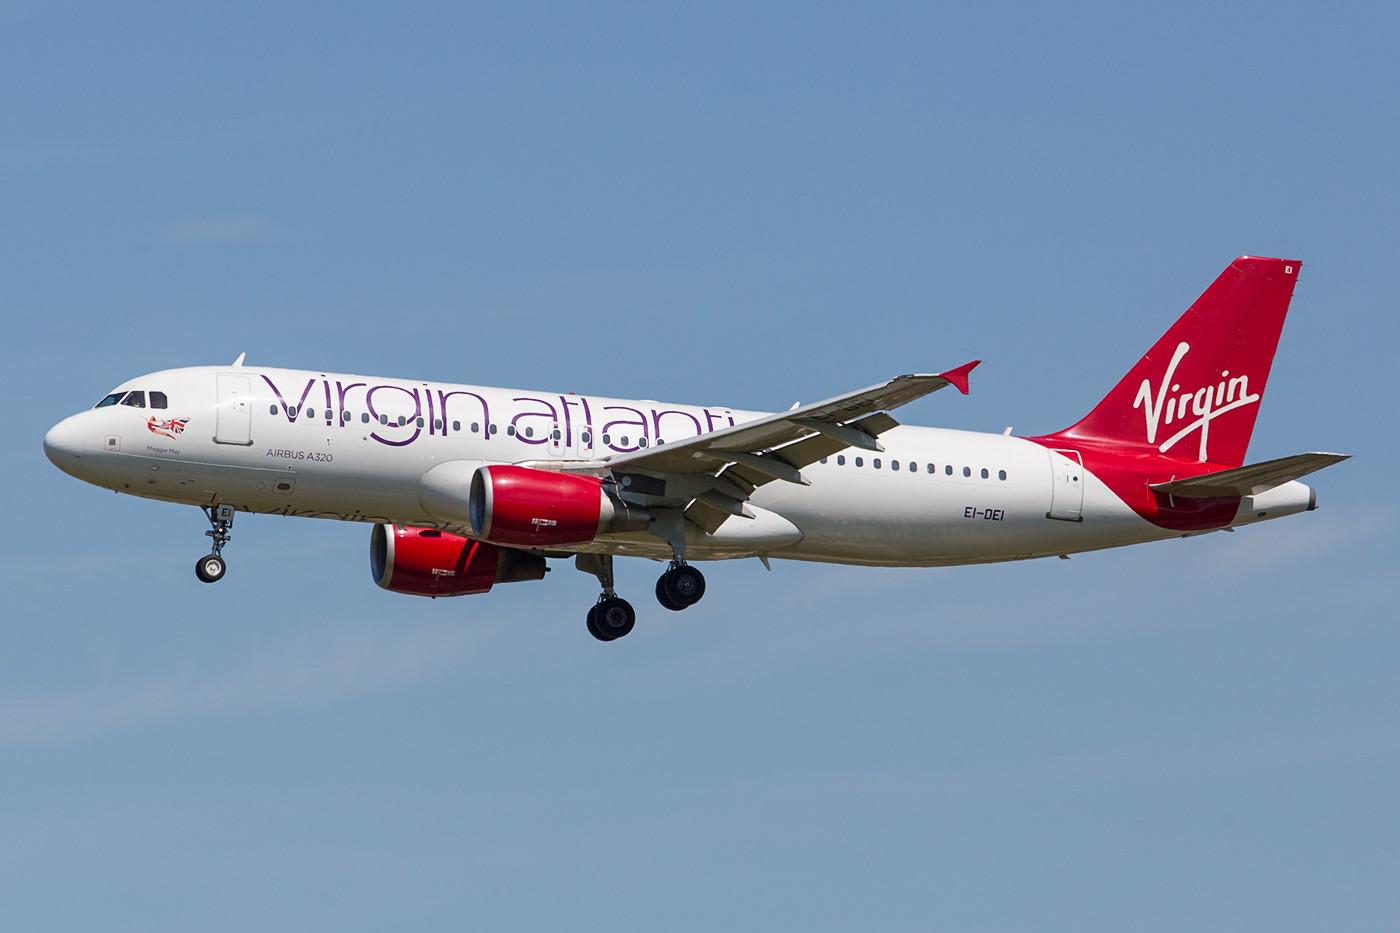 Noch bis August fliegt die EI-DEI in den Farben der Virgin. Danach verzichtet man wieder auf das Projekt mit eigenen Zubrinderflügen.